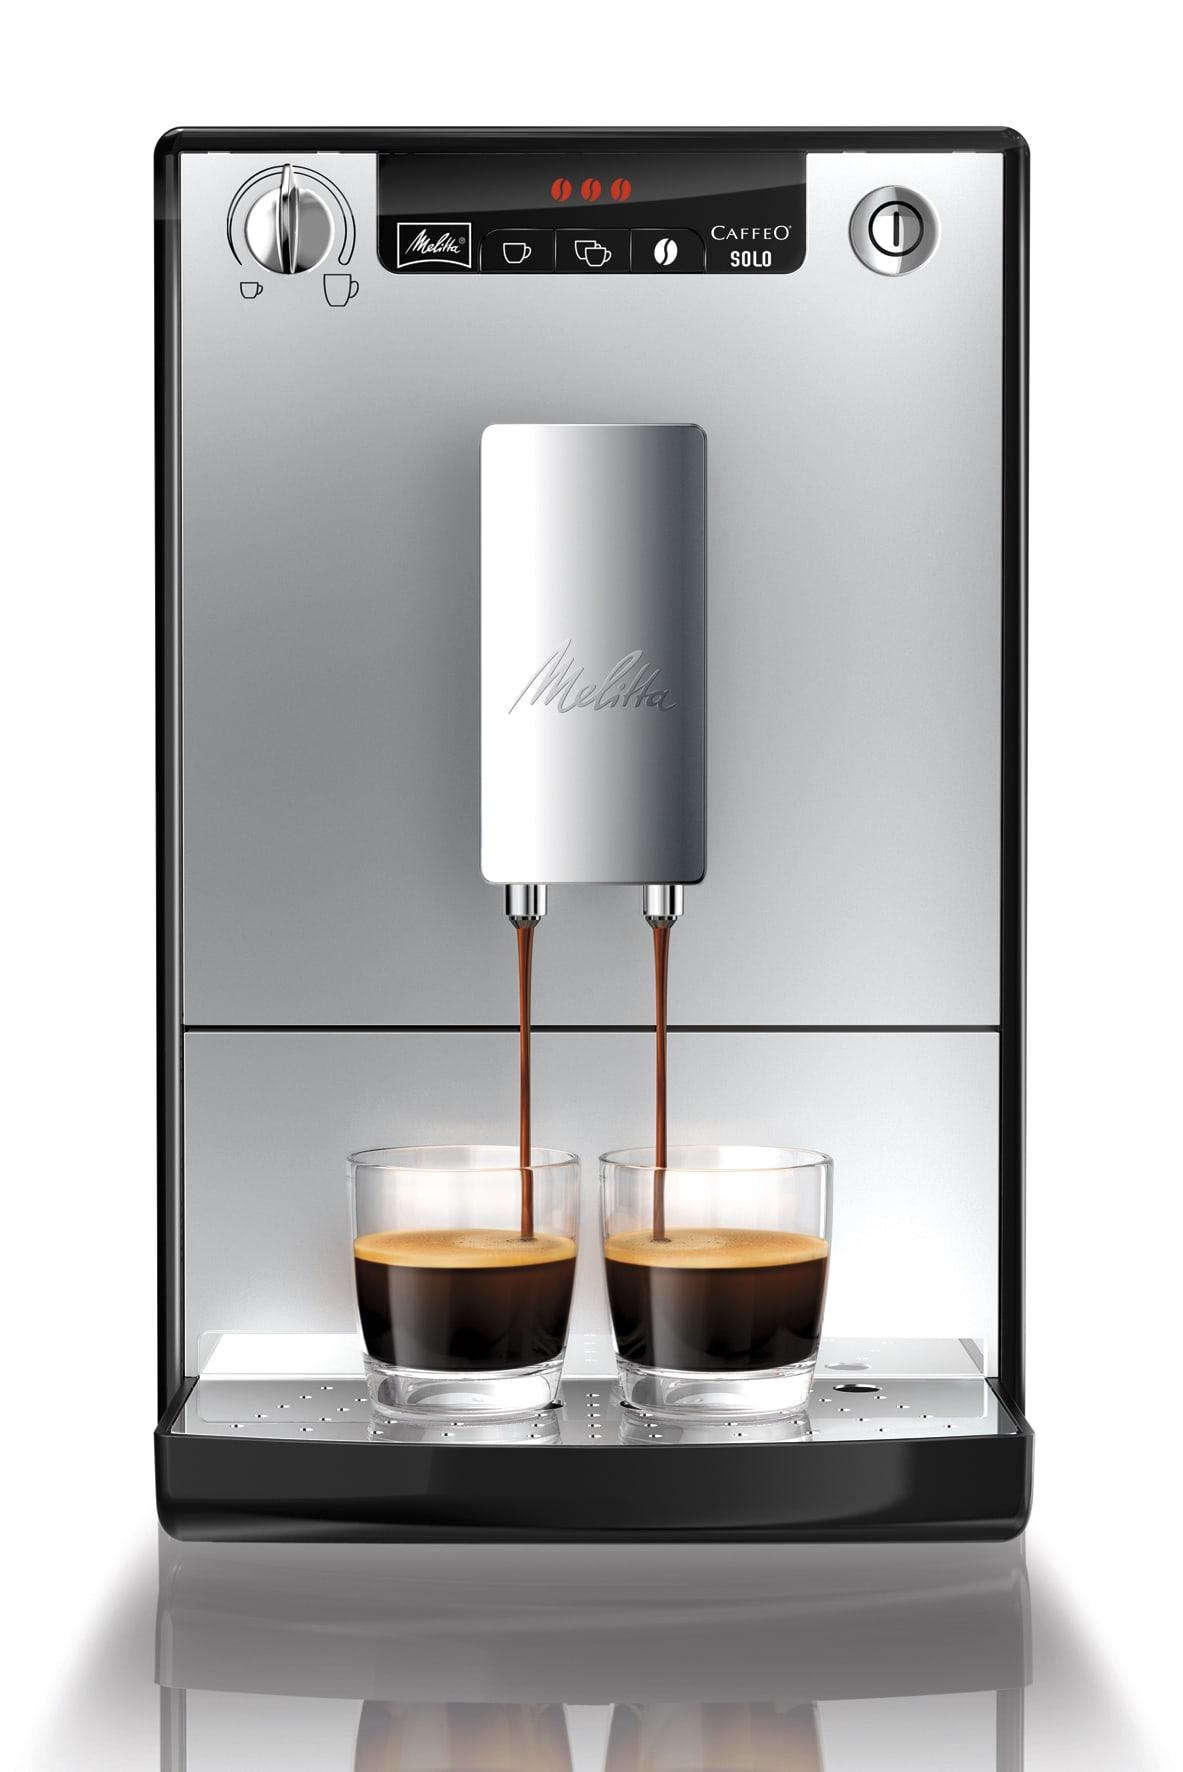 Melitta Caffeo SOLO E 950-103 Kaffeevollautomat 1400W 1,2l für 306,00 Euro